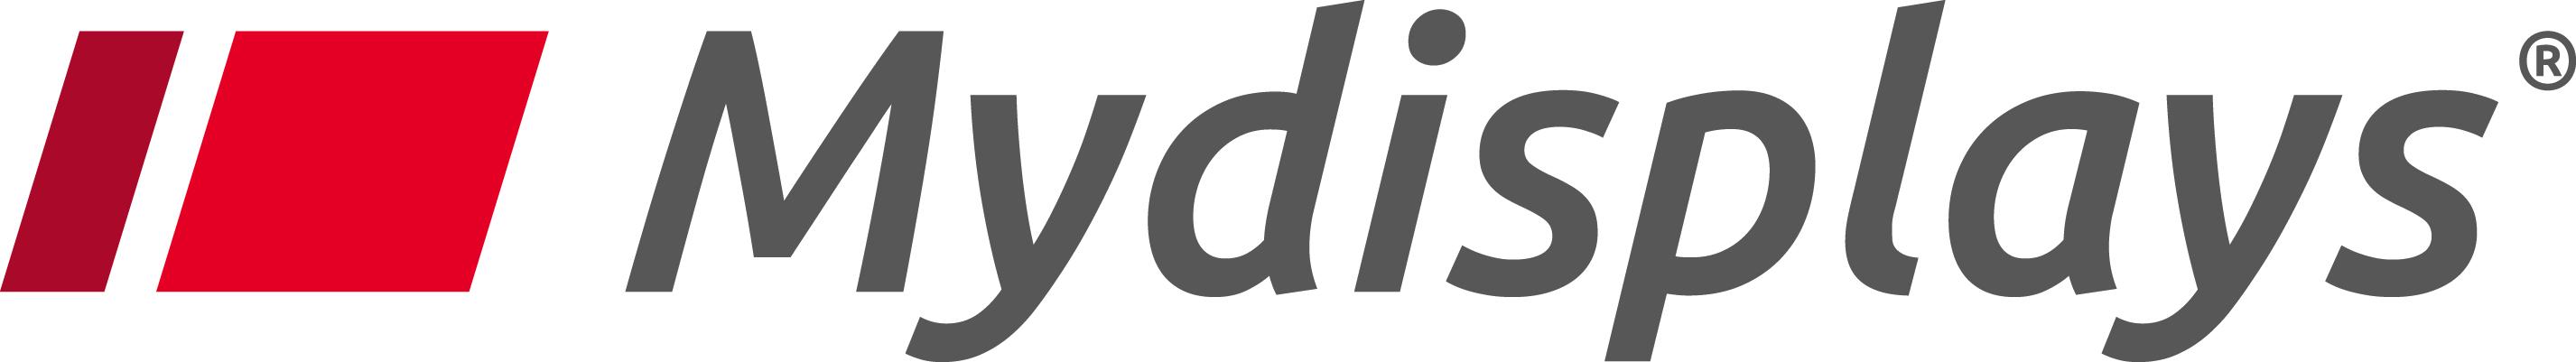 Nächster Event-Auftritt für die Mydisplays GmbH